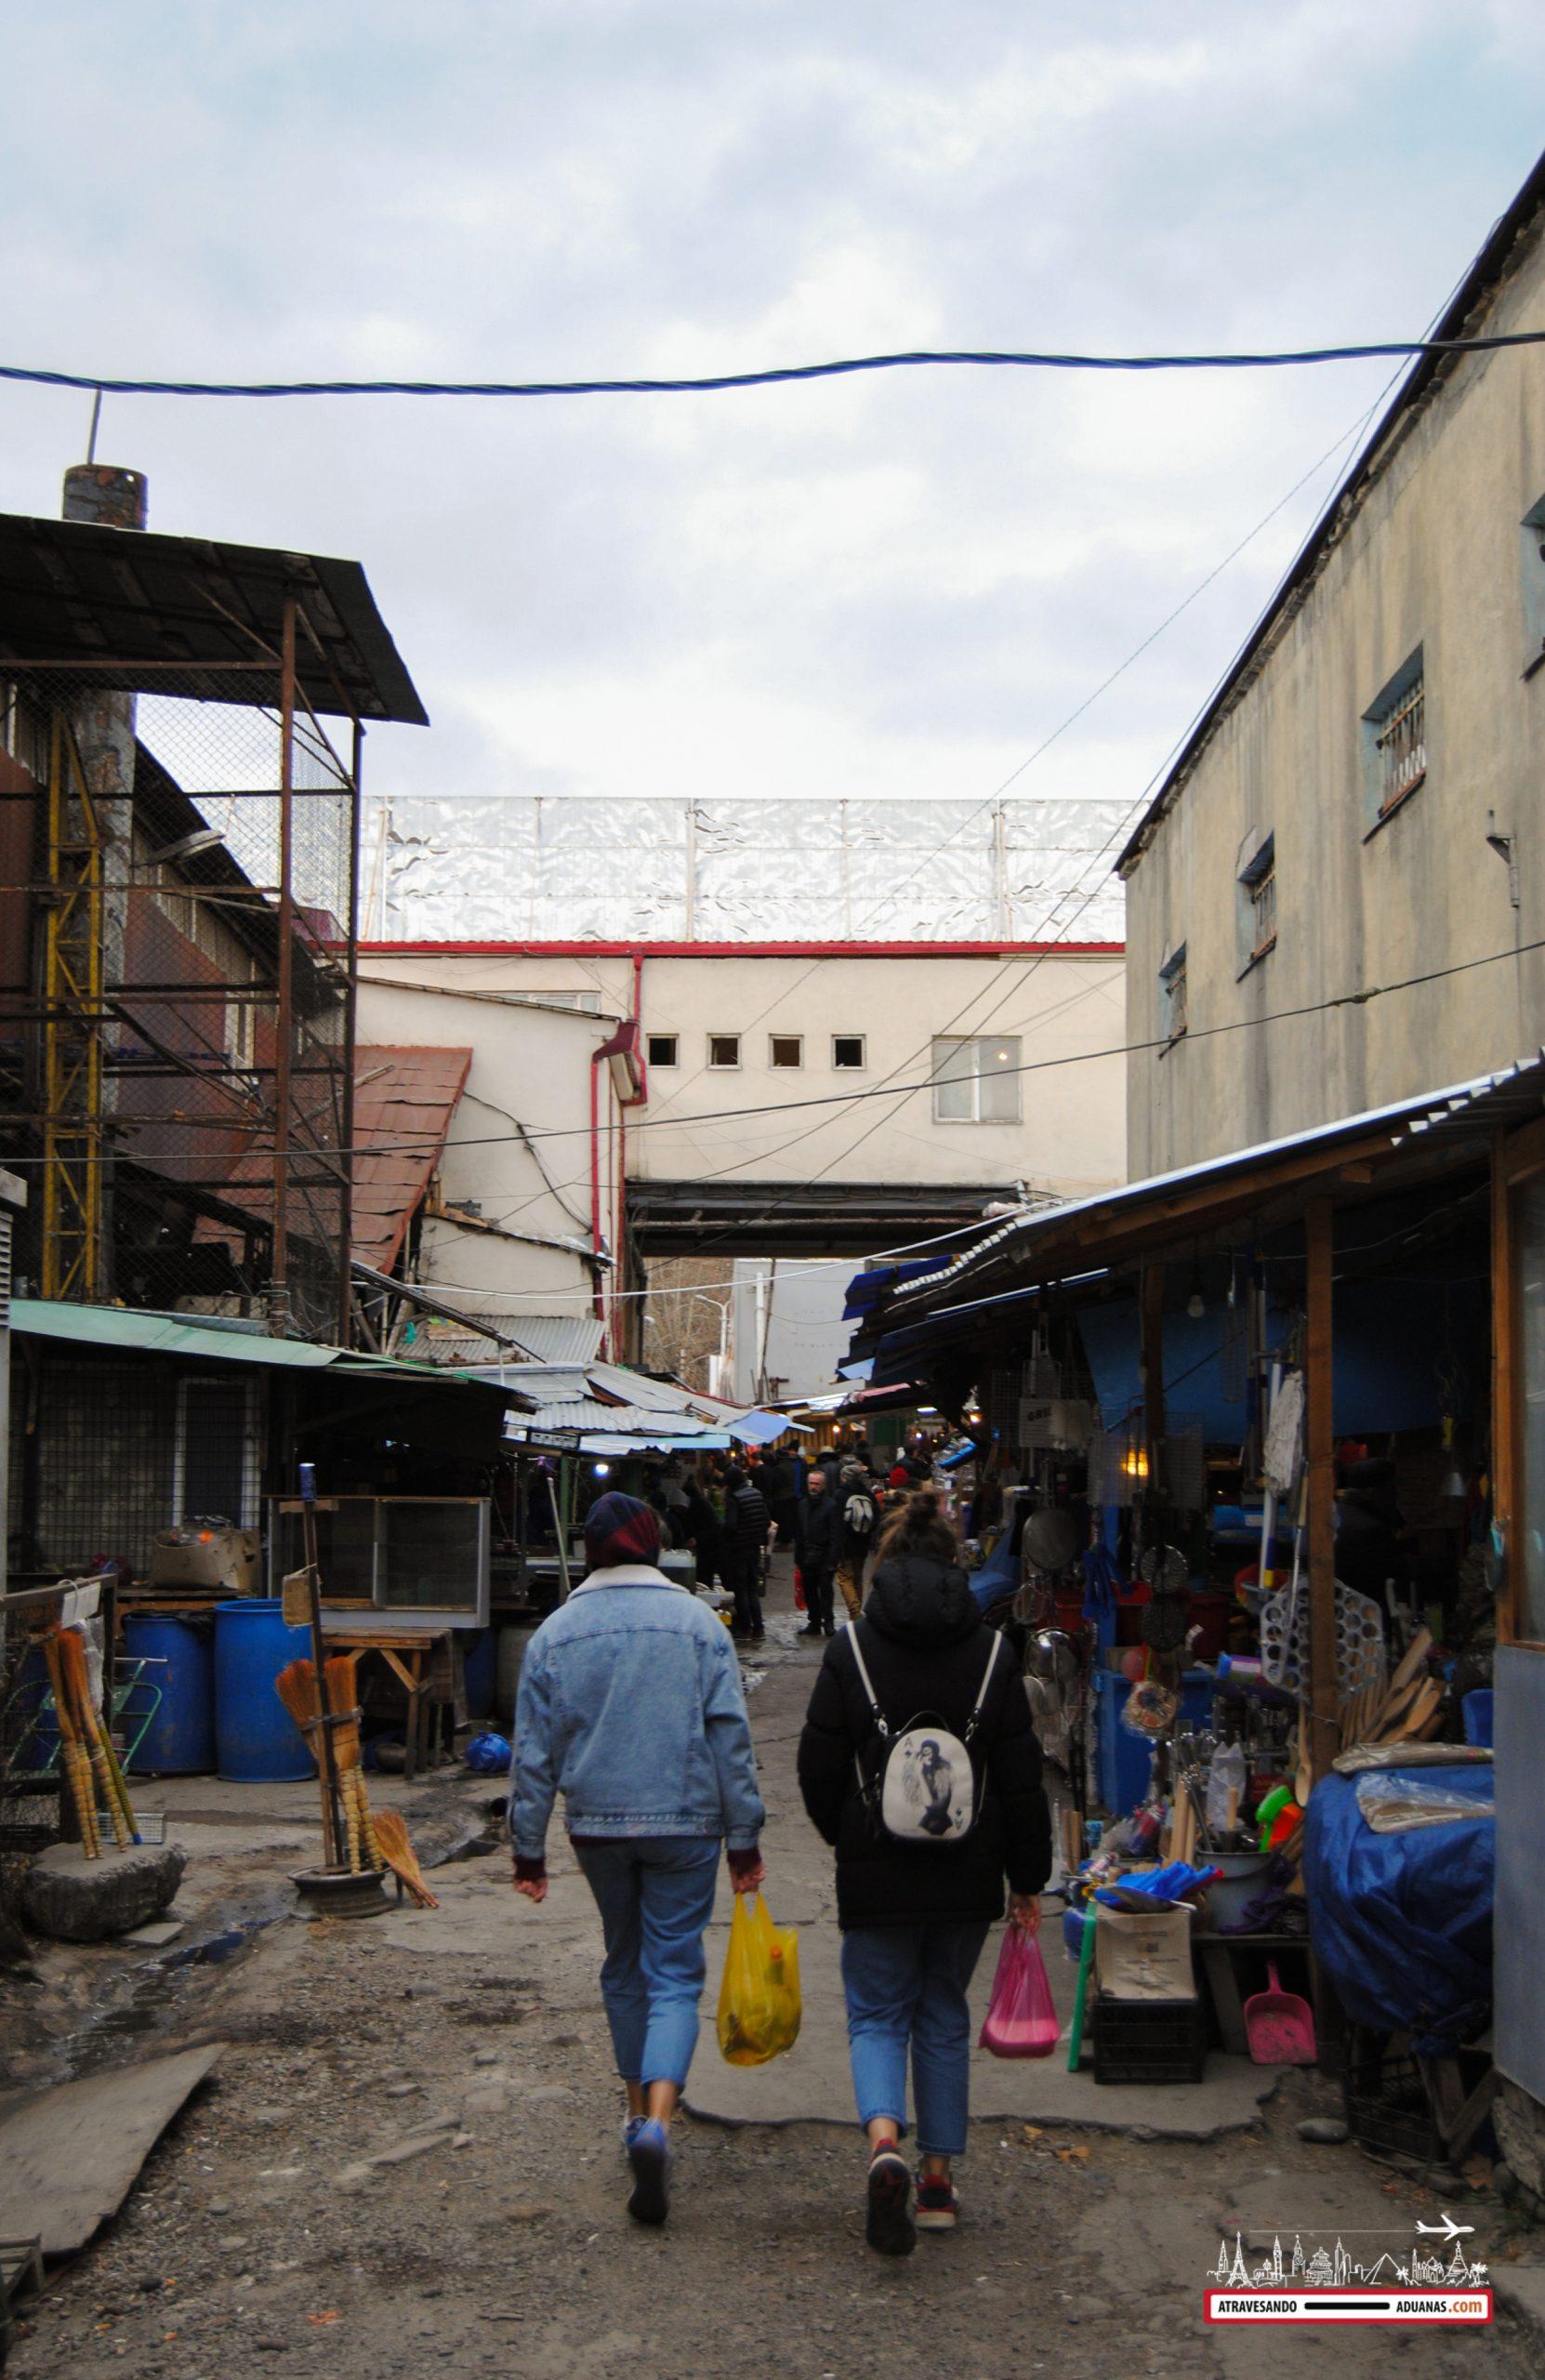 dos jóvenes paseando por el dezerter bazaar de tbilisi